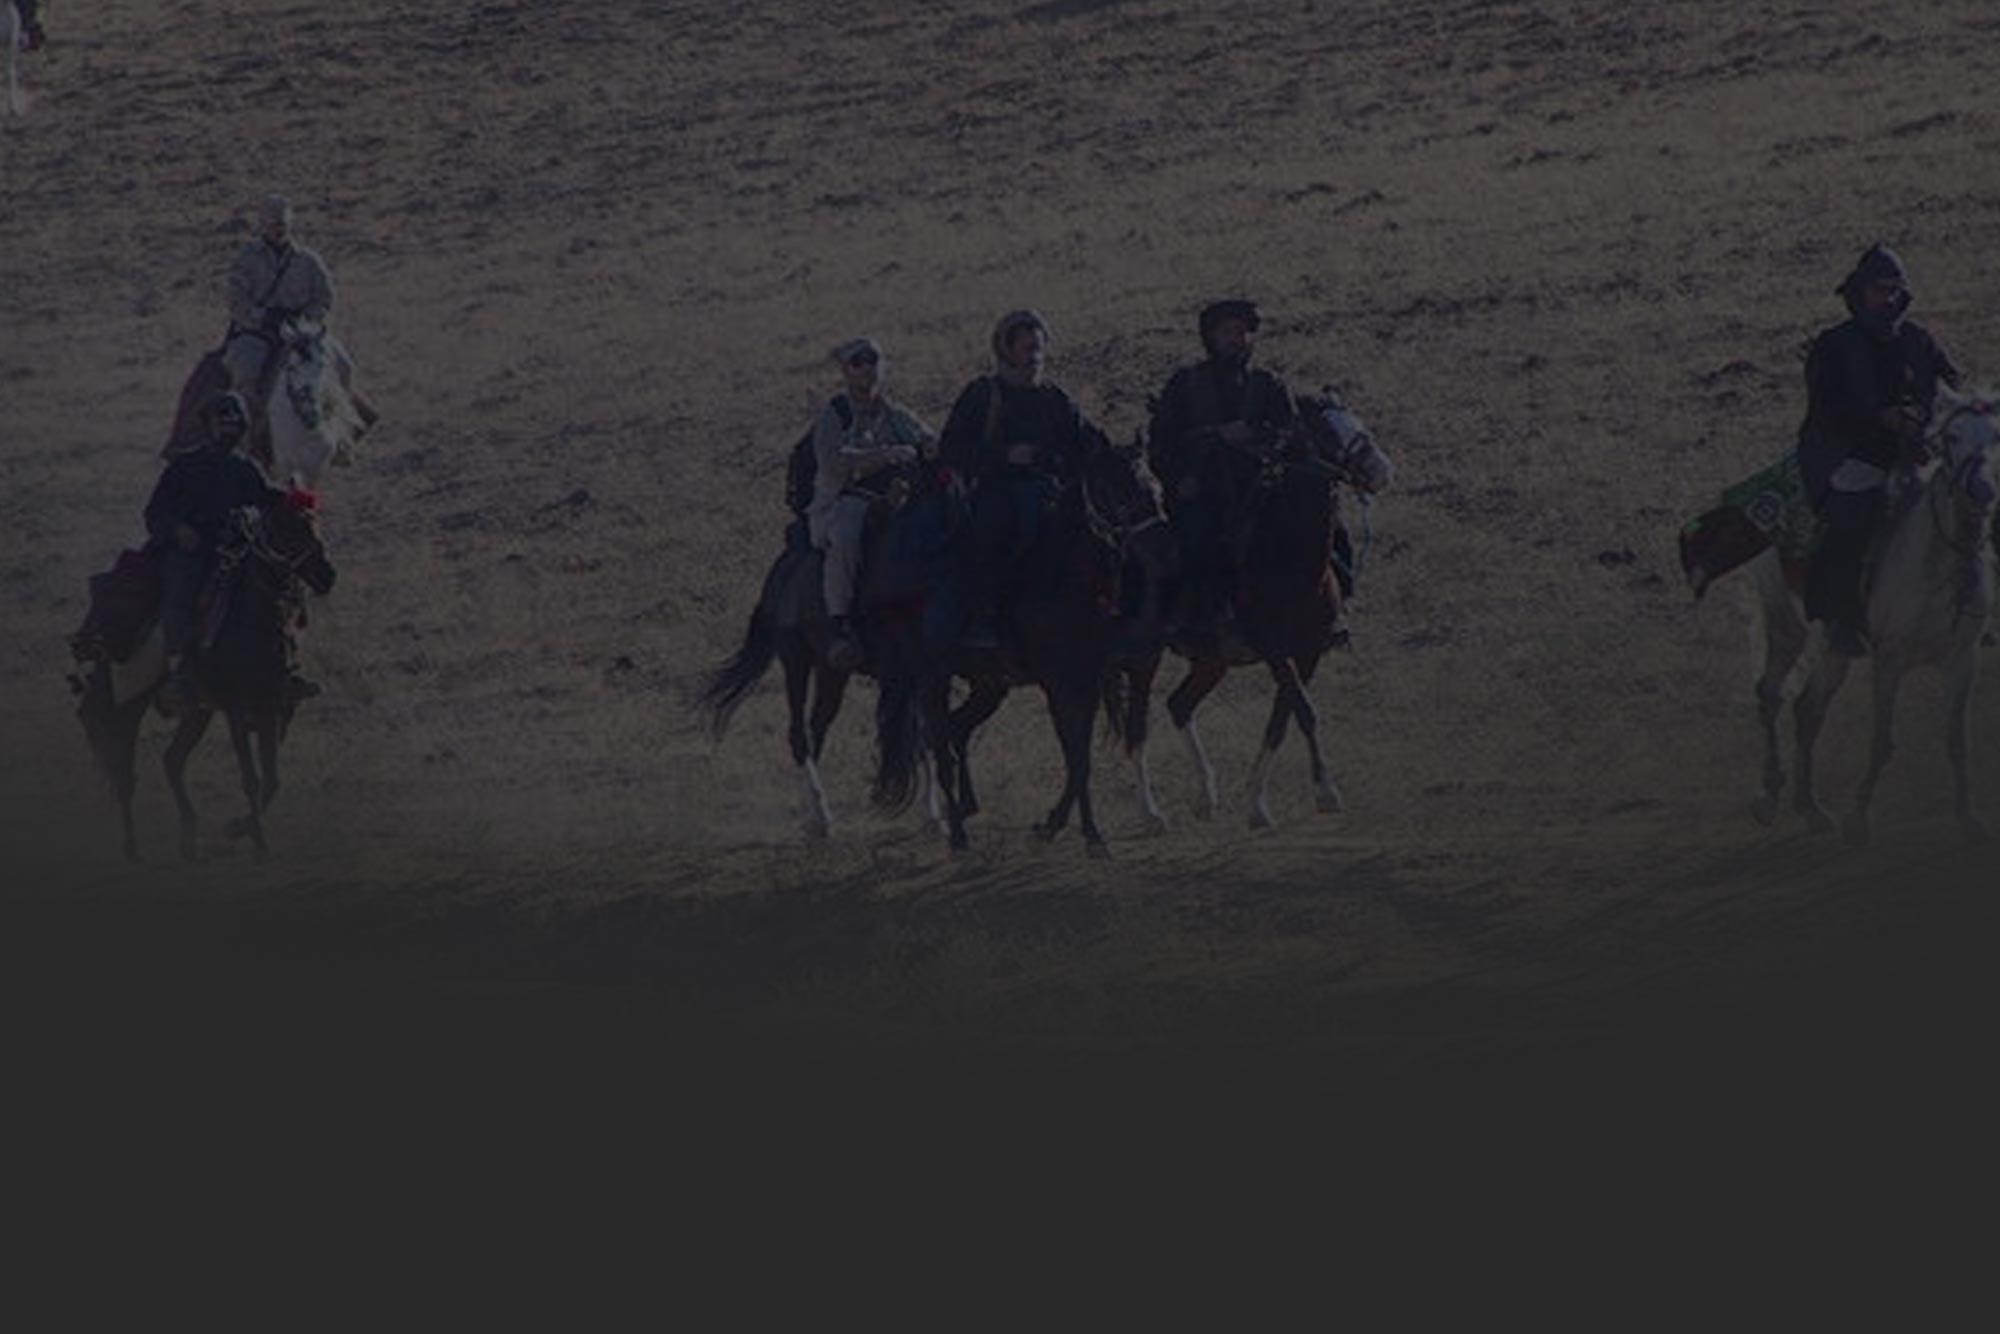 Doug Stanton - Horse Soldiers